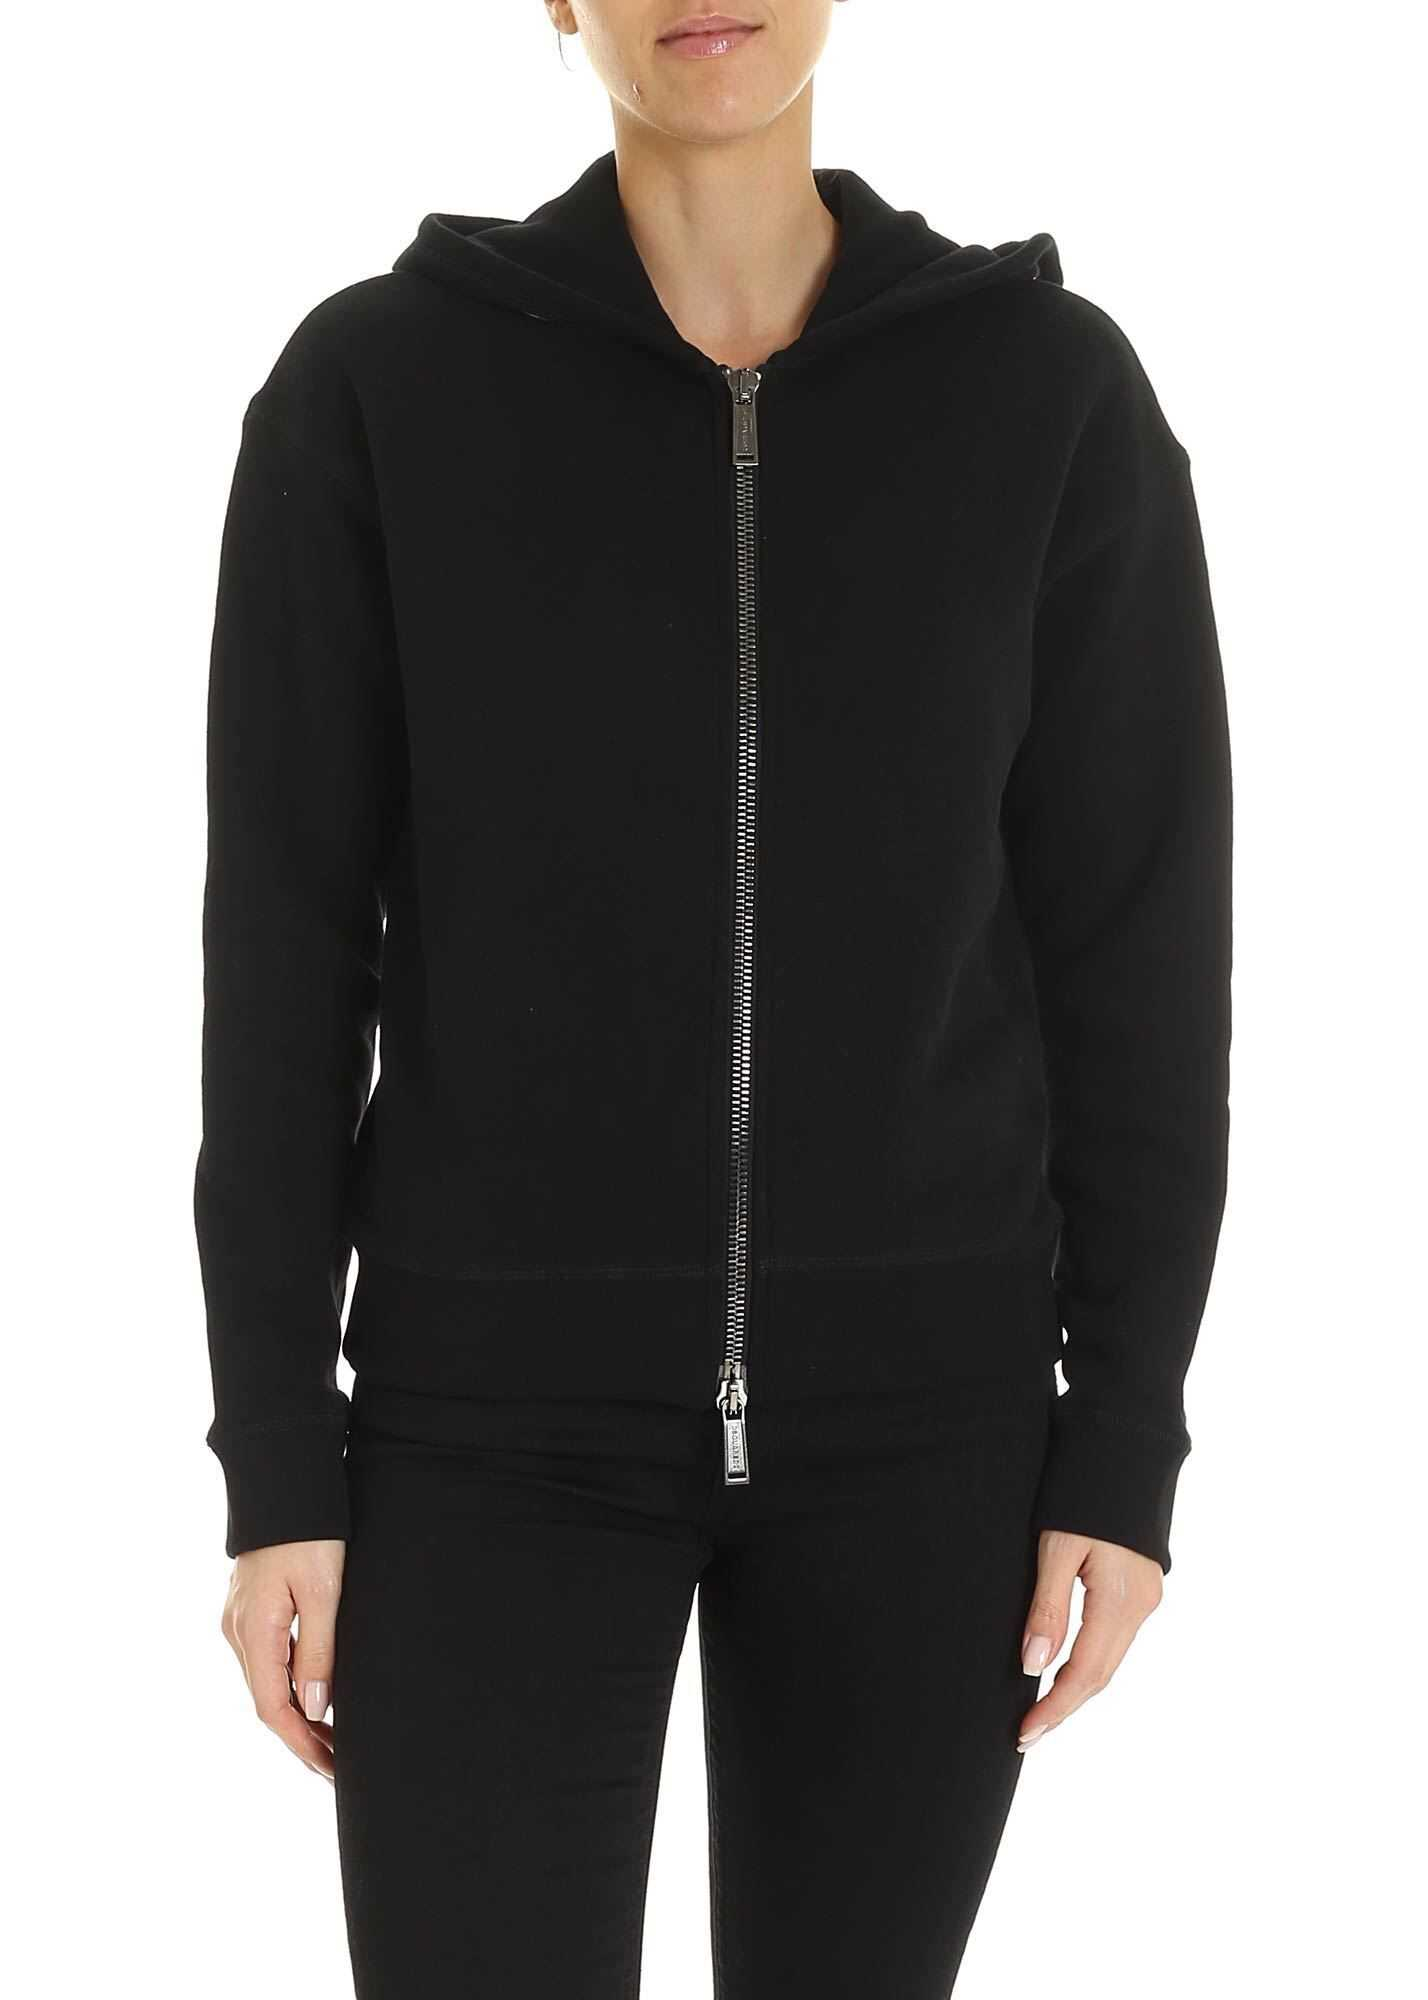 DSQUARED2 Branded Hood Sweatshirt In Black Black